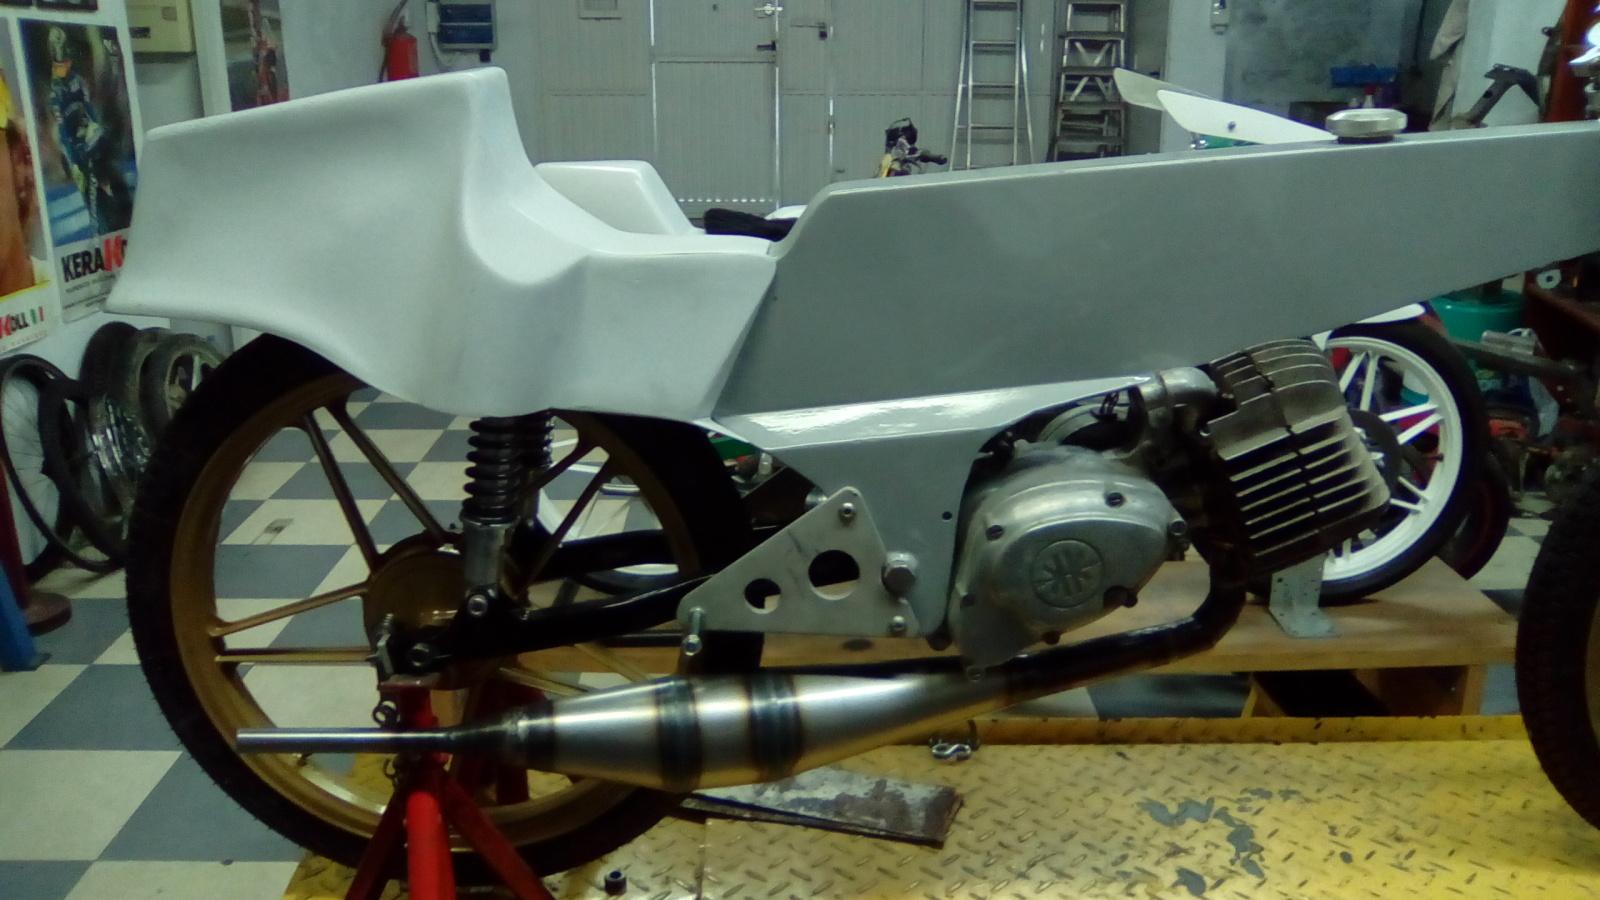 Réplica Bultaco 50 MOTUL Carmona 1982 - Página 21 Rc67a9